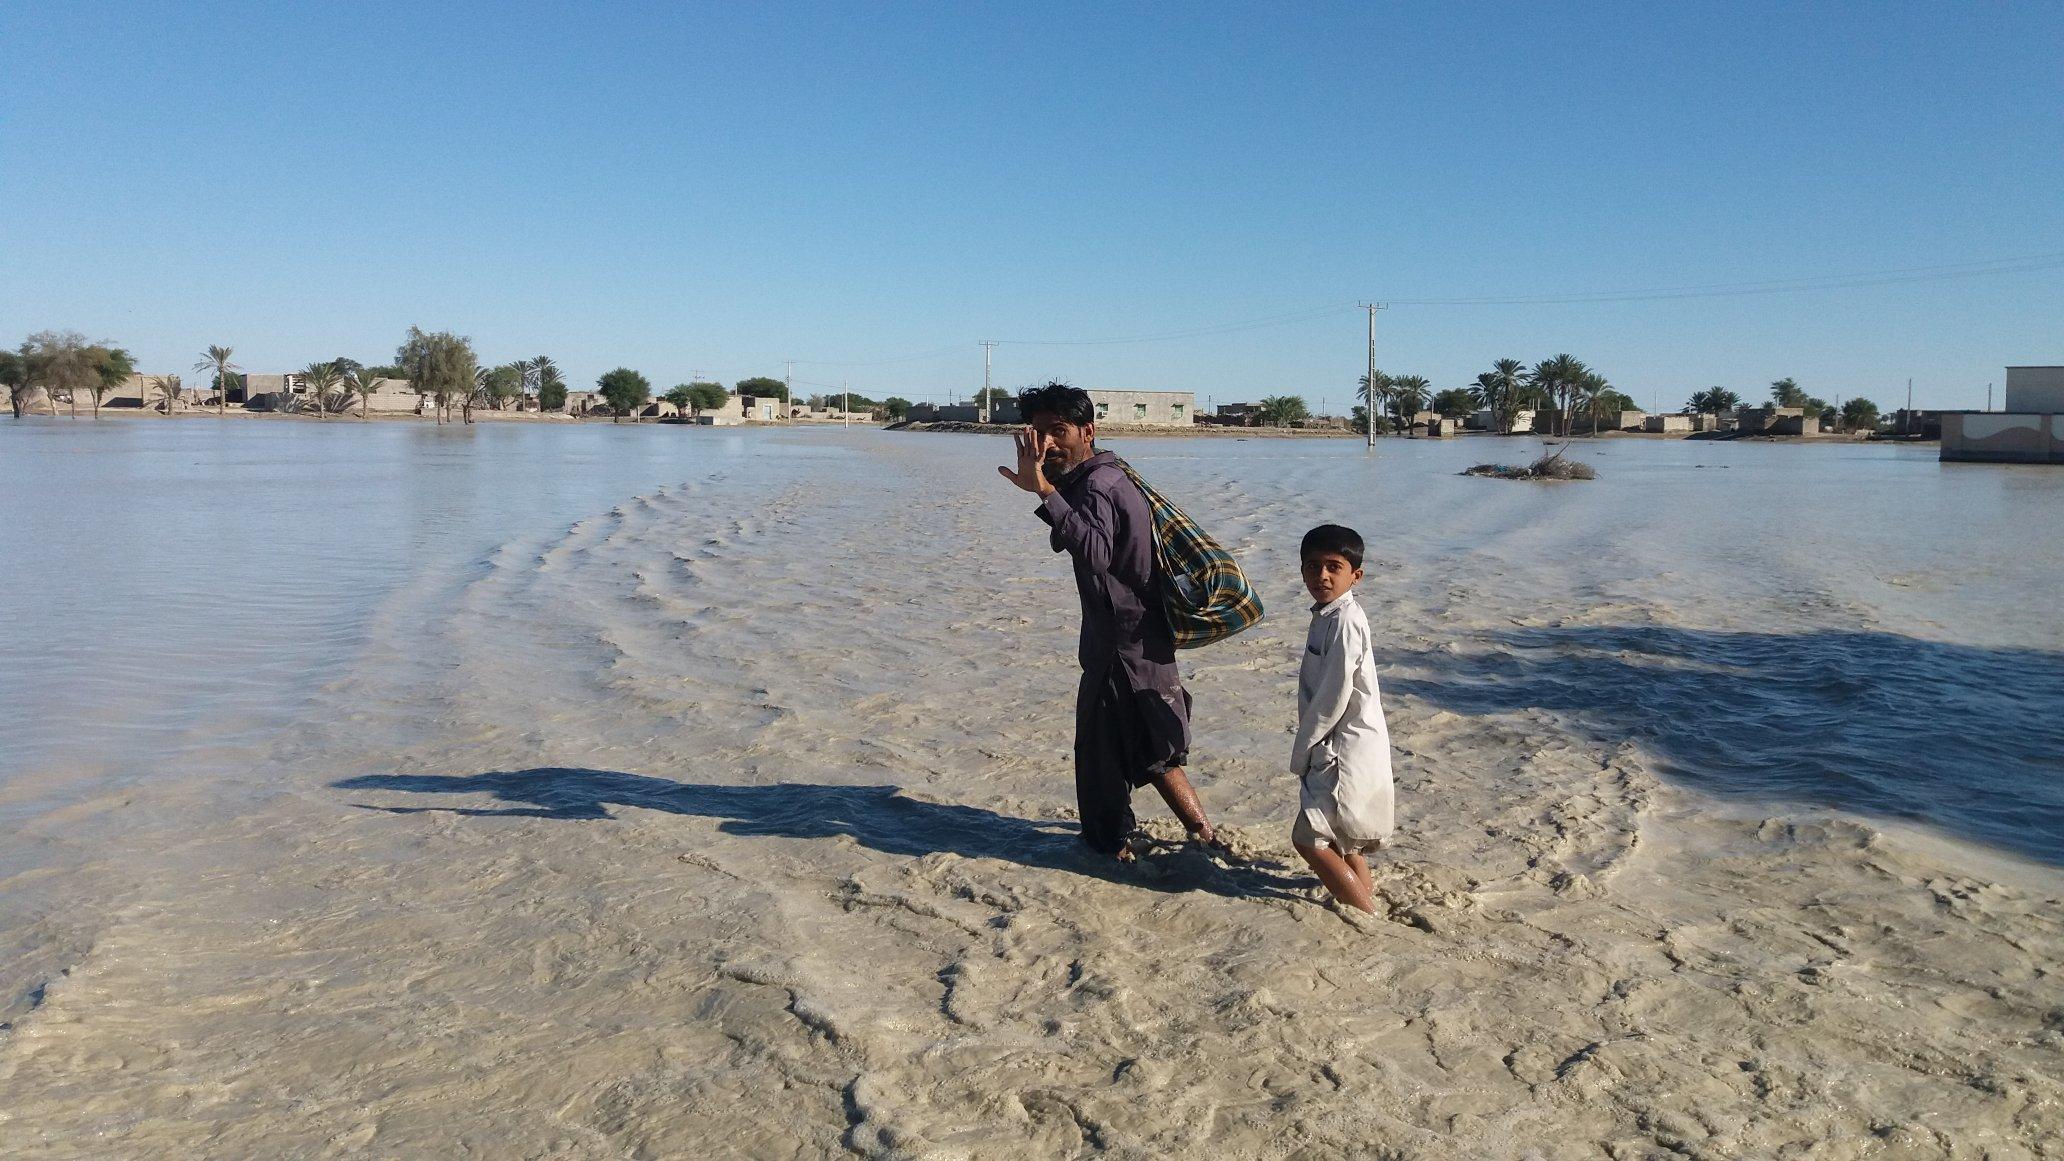 آخرین وضعیت امدادرسانی در مناطق سیل زده سیستان و بلوچستان//تکمیلی